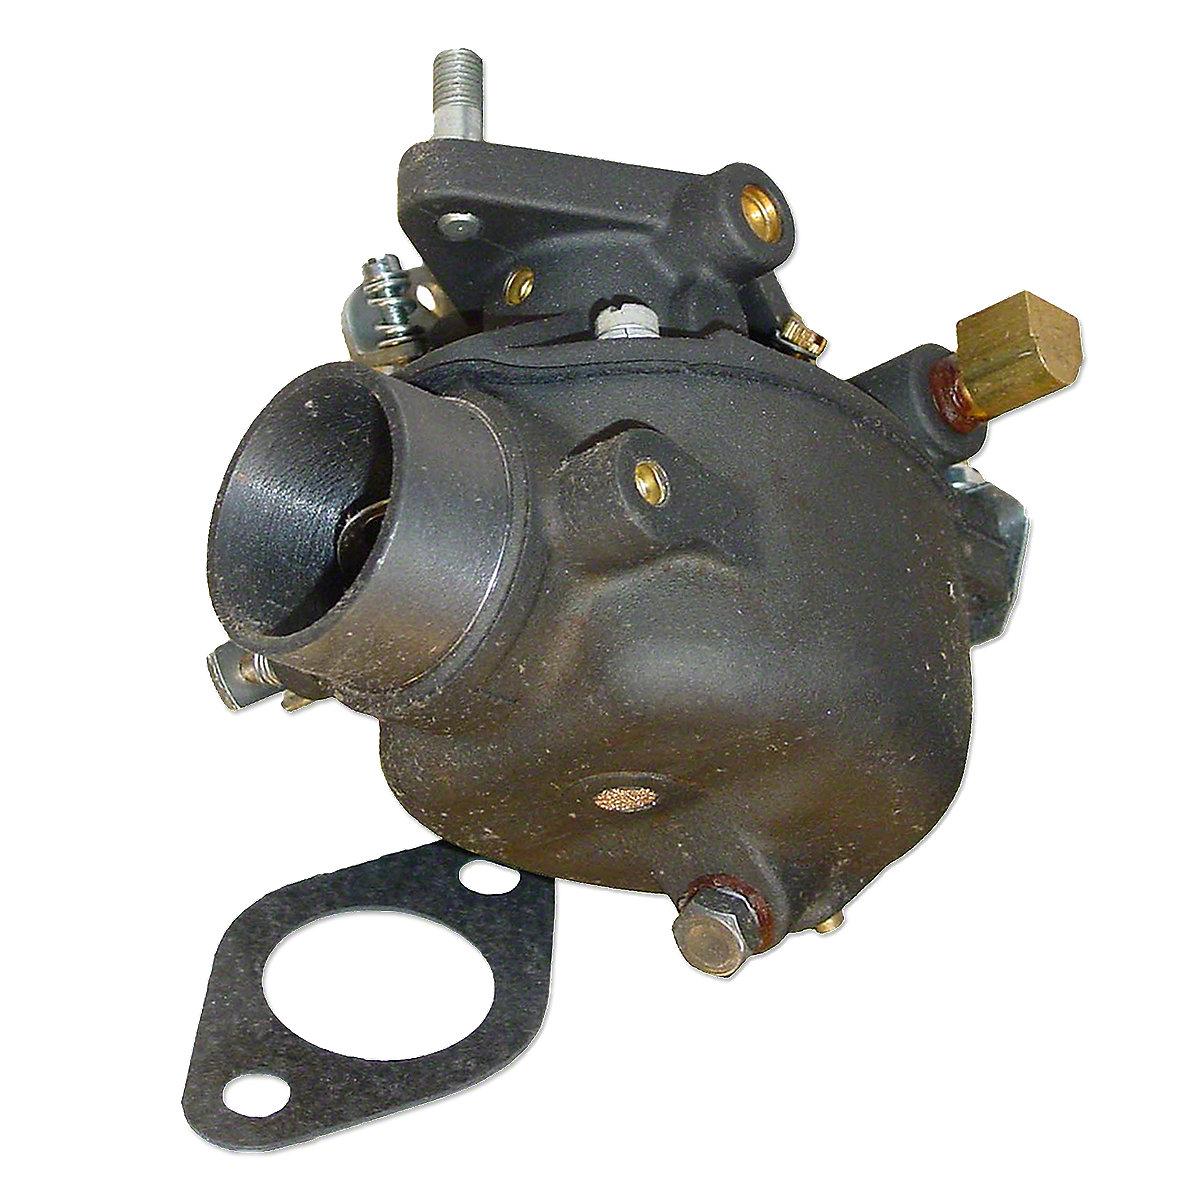 Marvel Carb 135 Massey : Mfs new marvel schebler style carburetor for massey